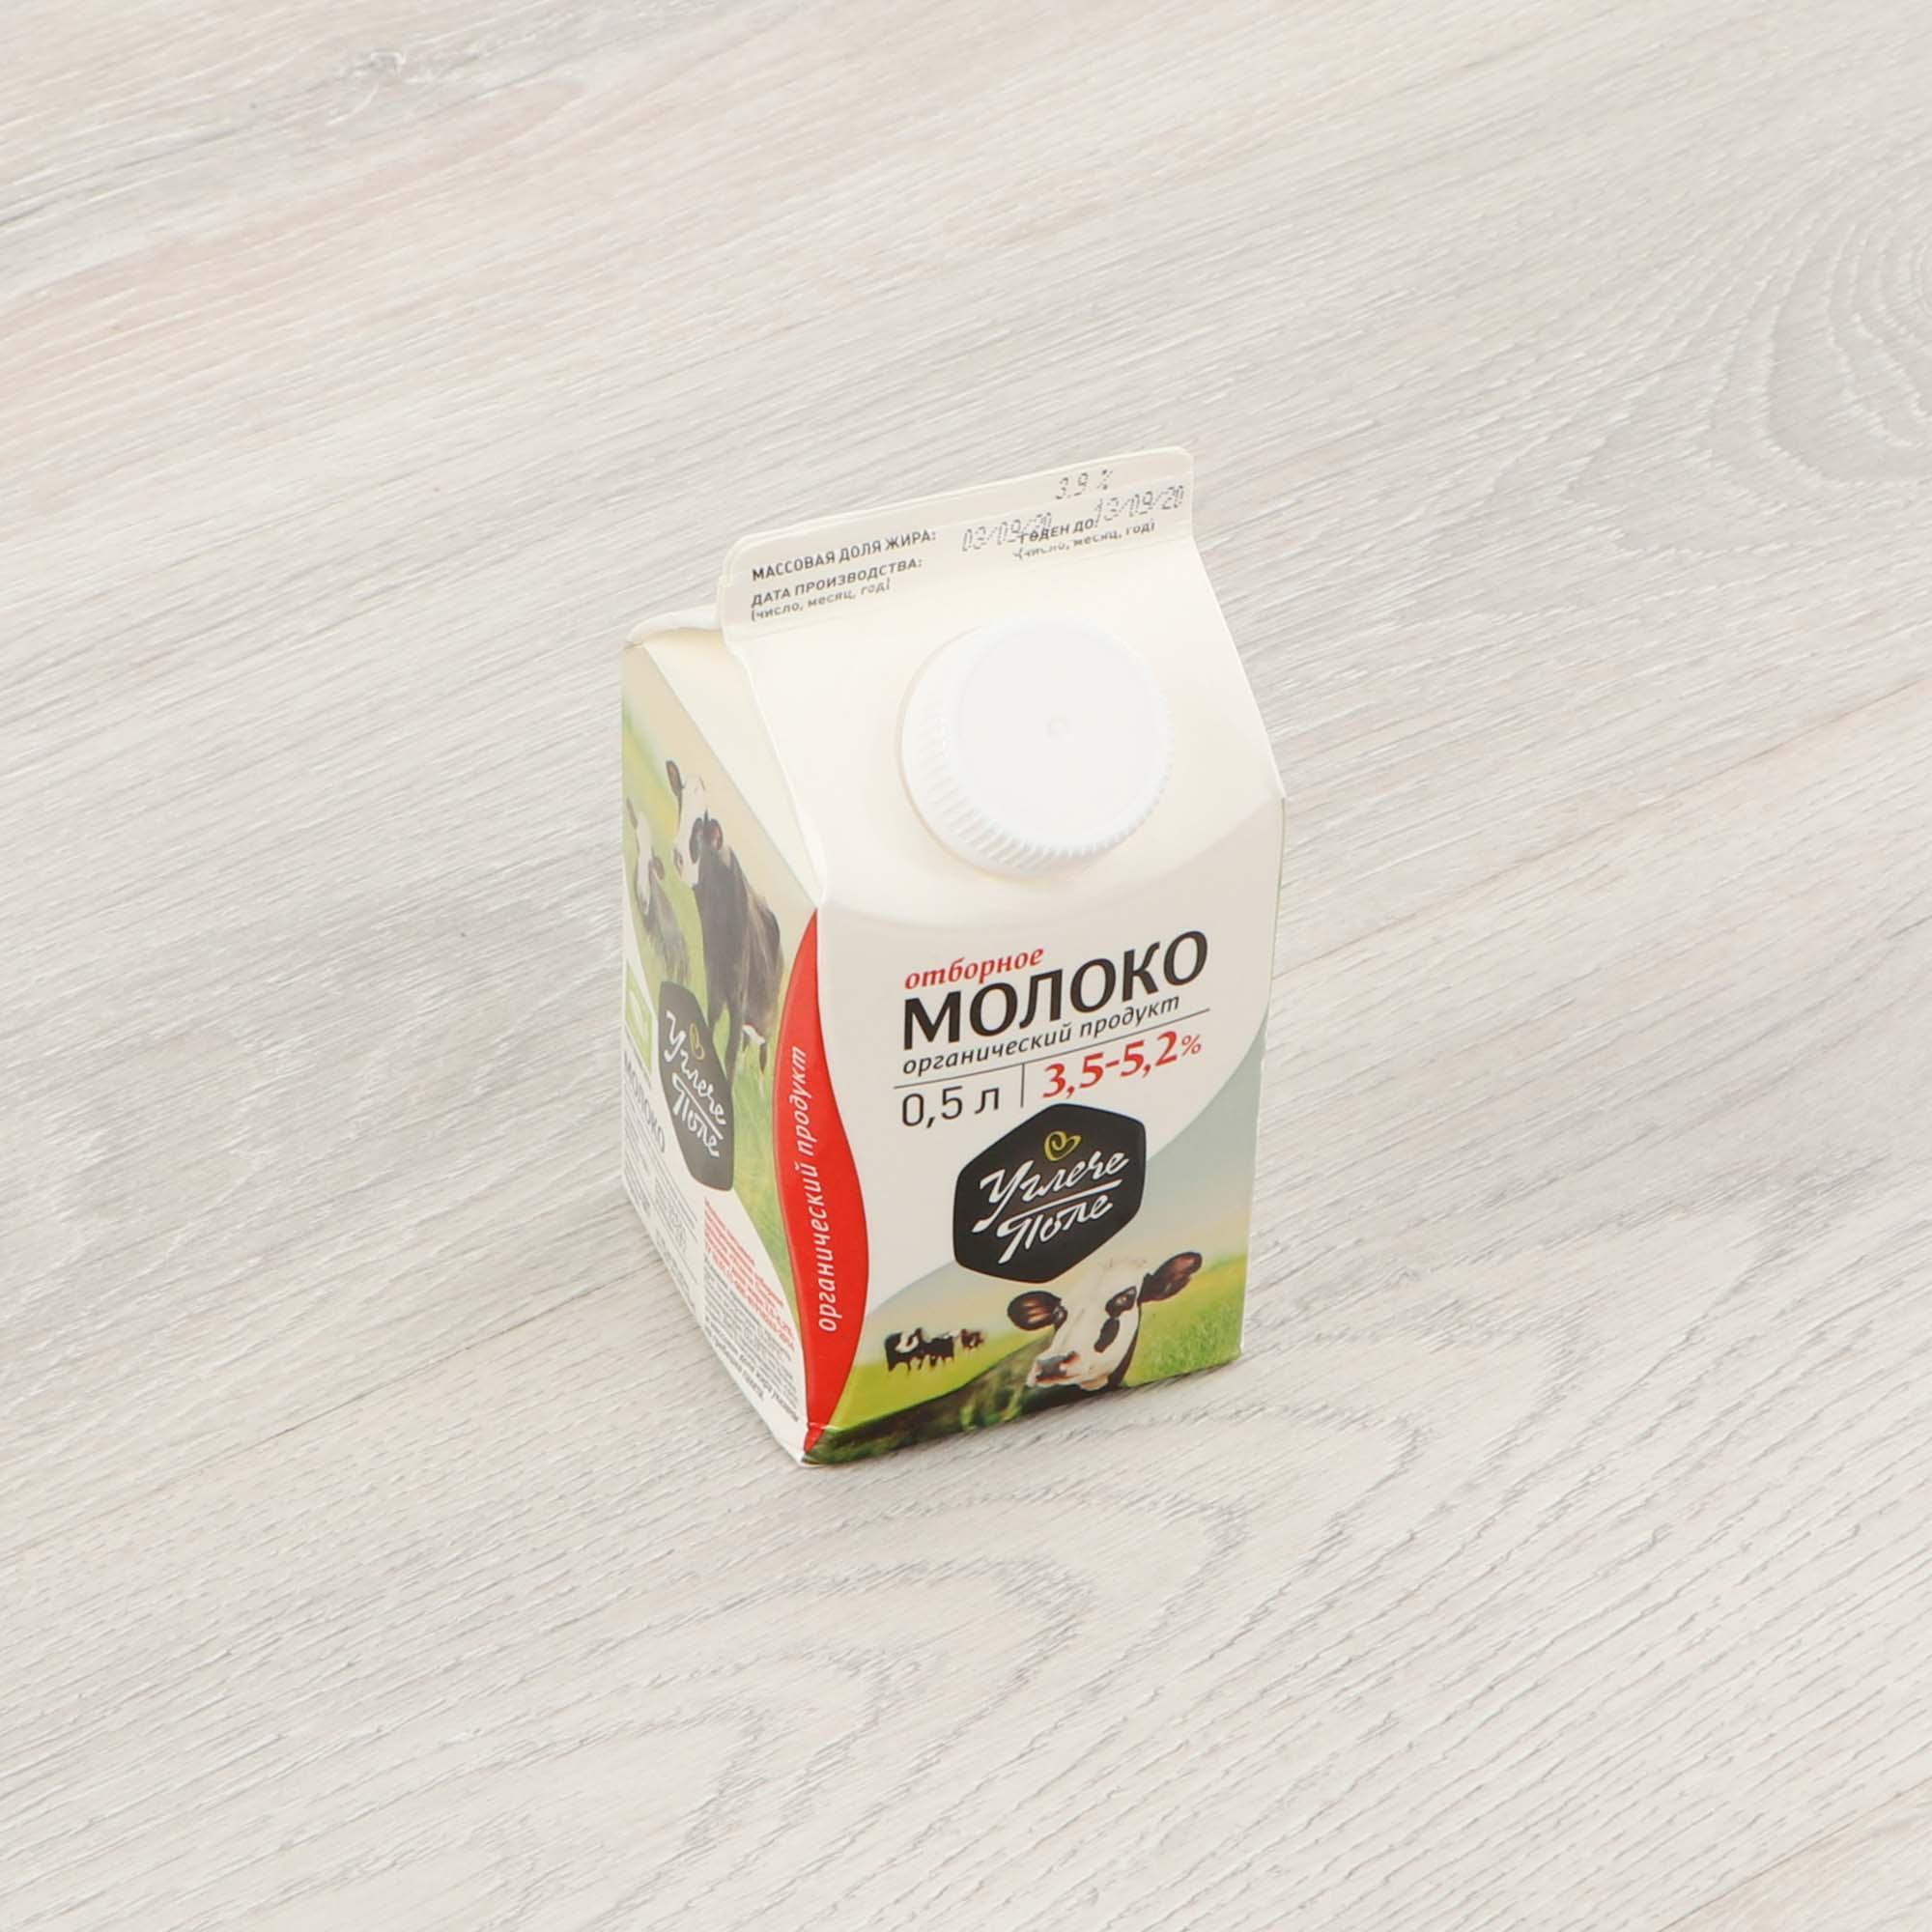 творог углече поле 5% 200 г Молоко пастеризованное Углече Поле 3,5-5,2% 0,5 л